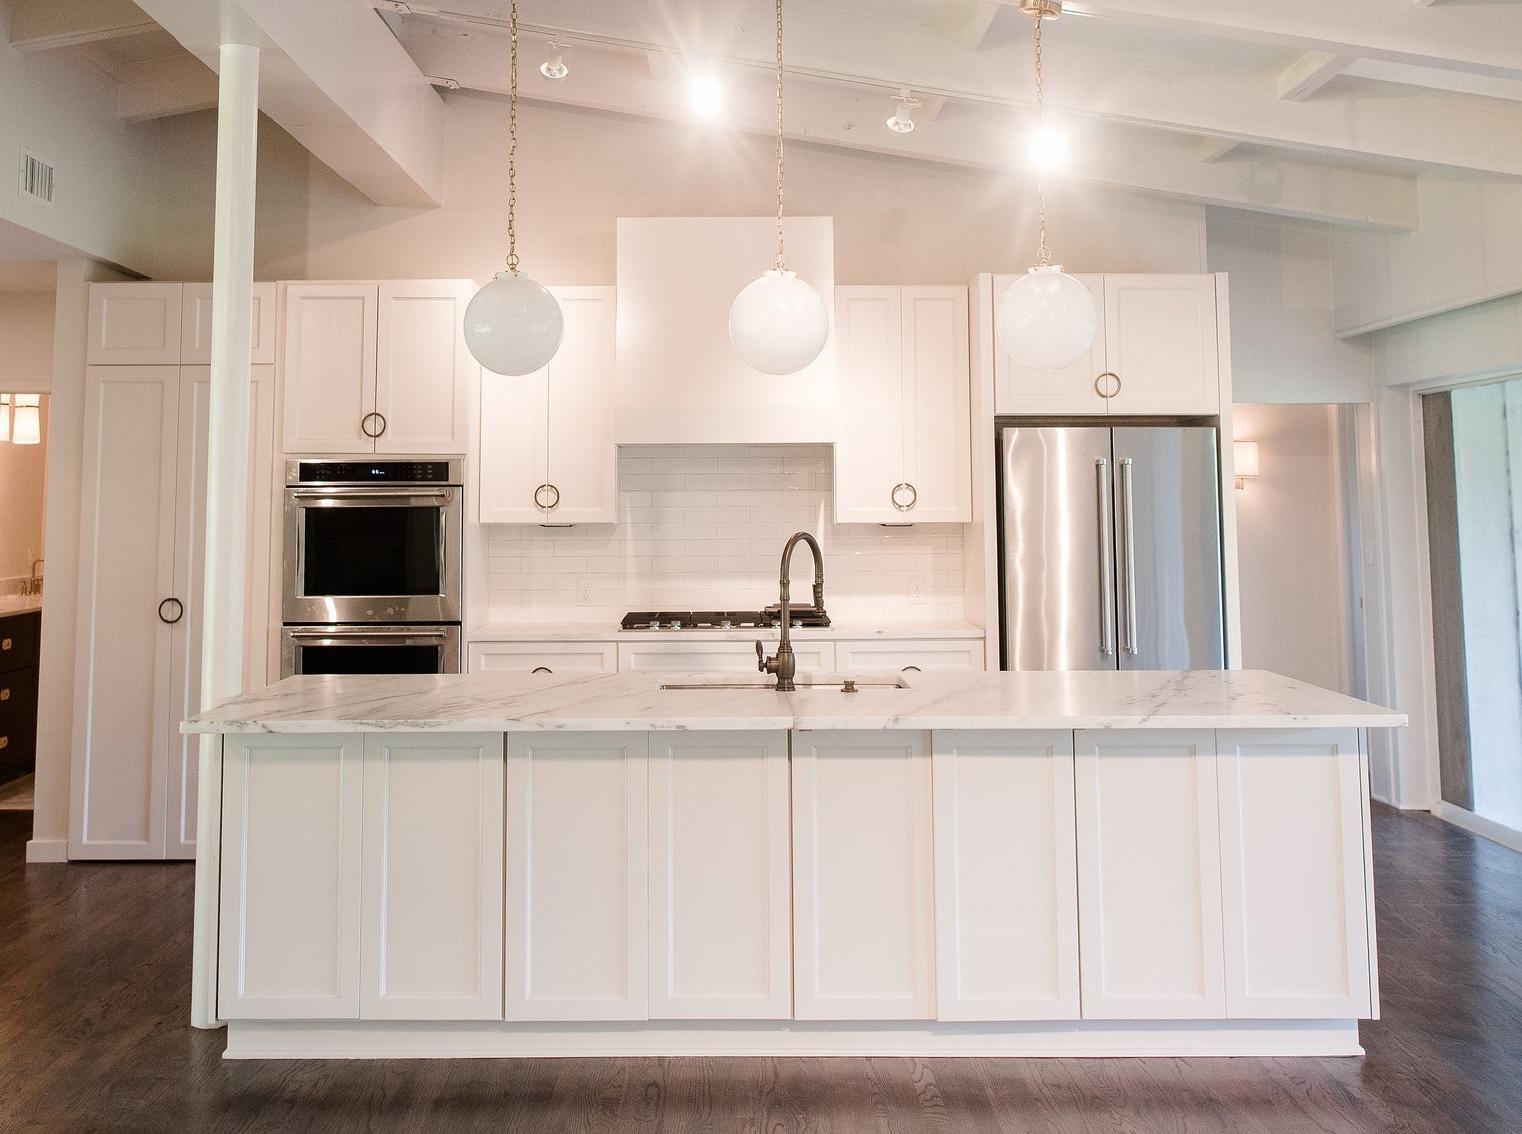 Clark_Design_Renovation_White_Kitchen_Mid-Century_Modern_2